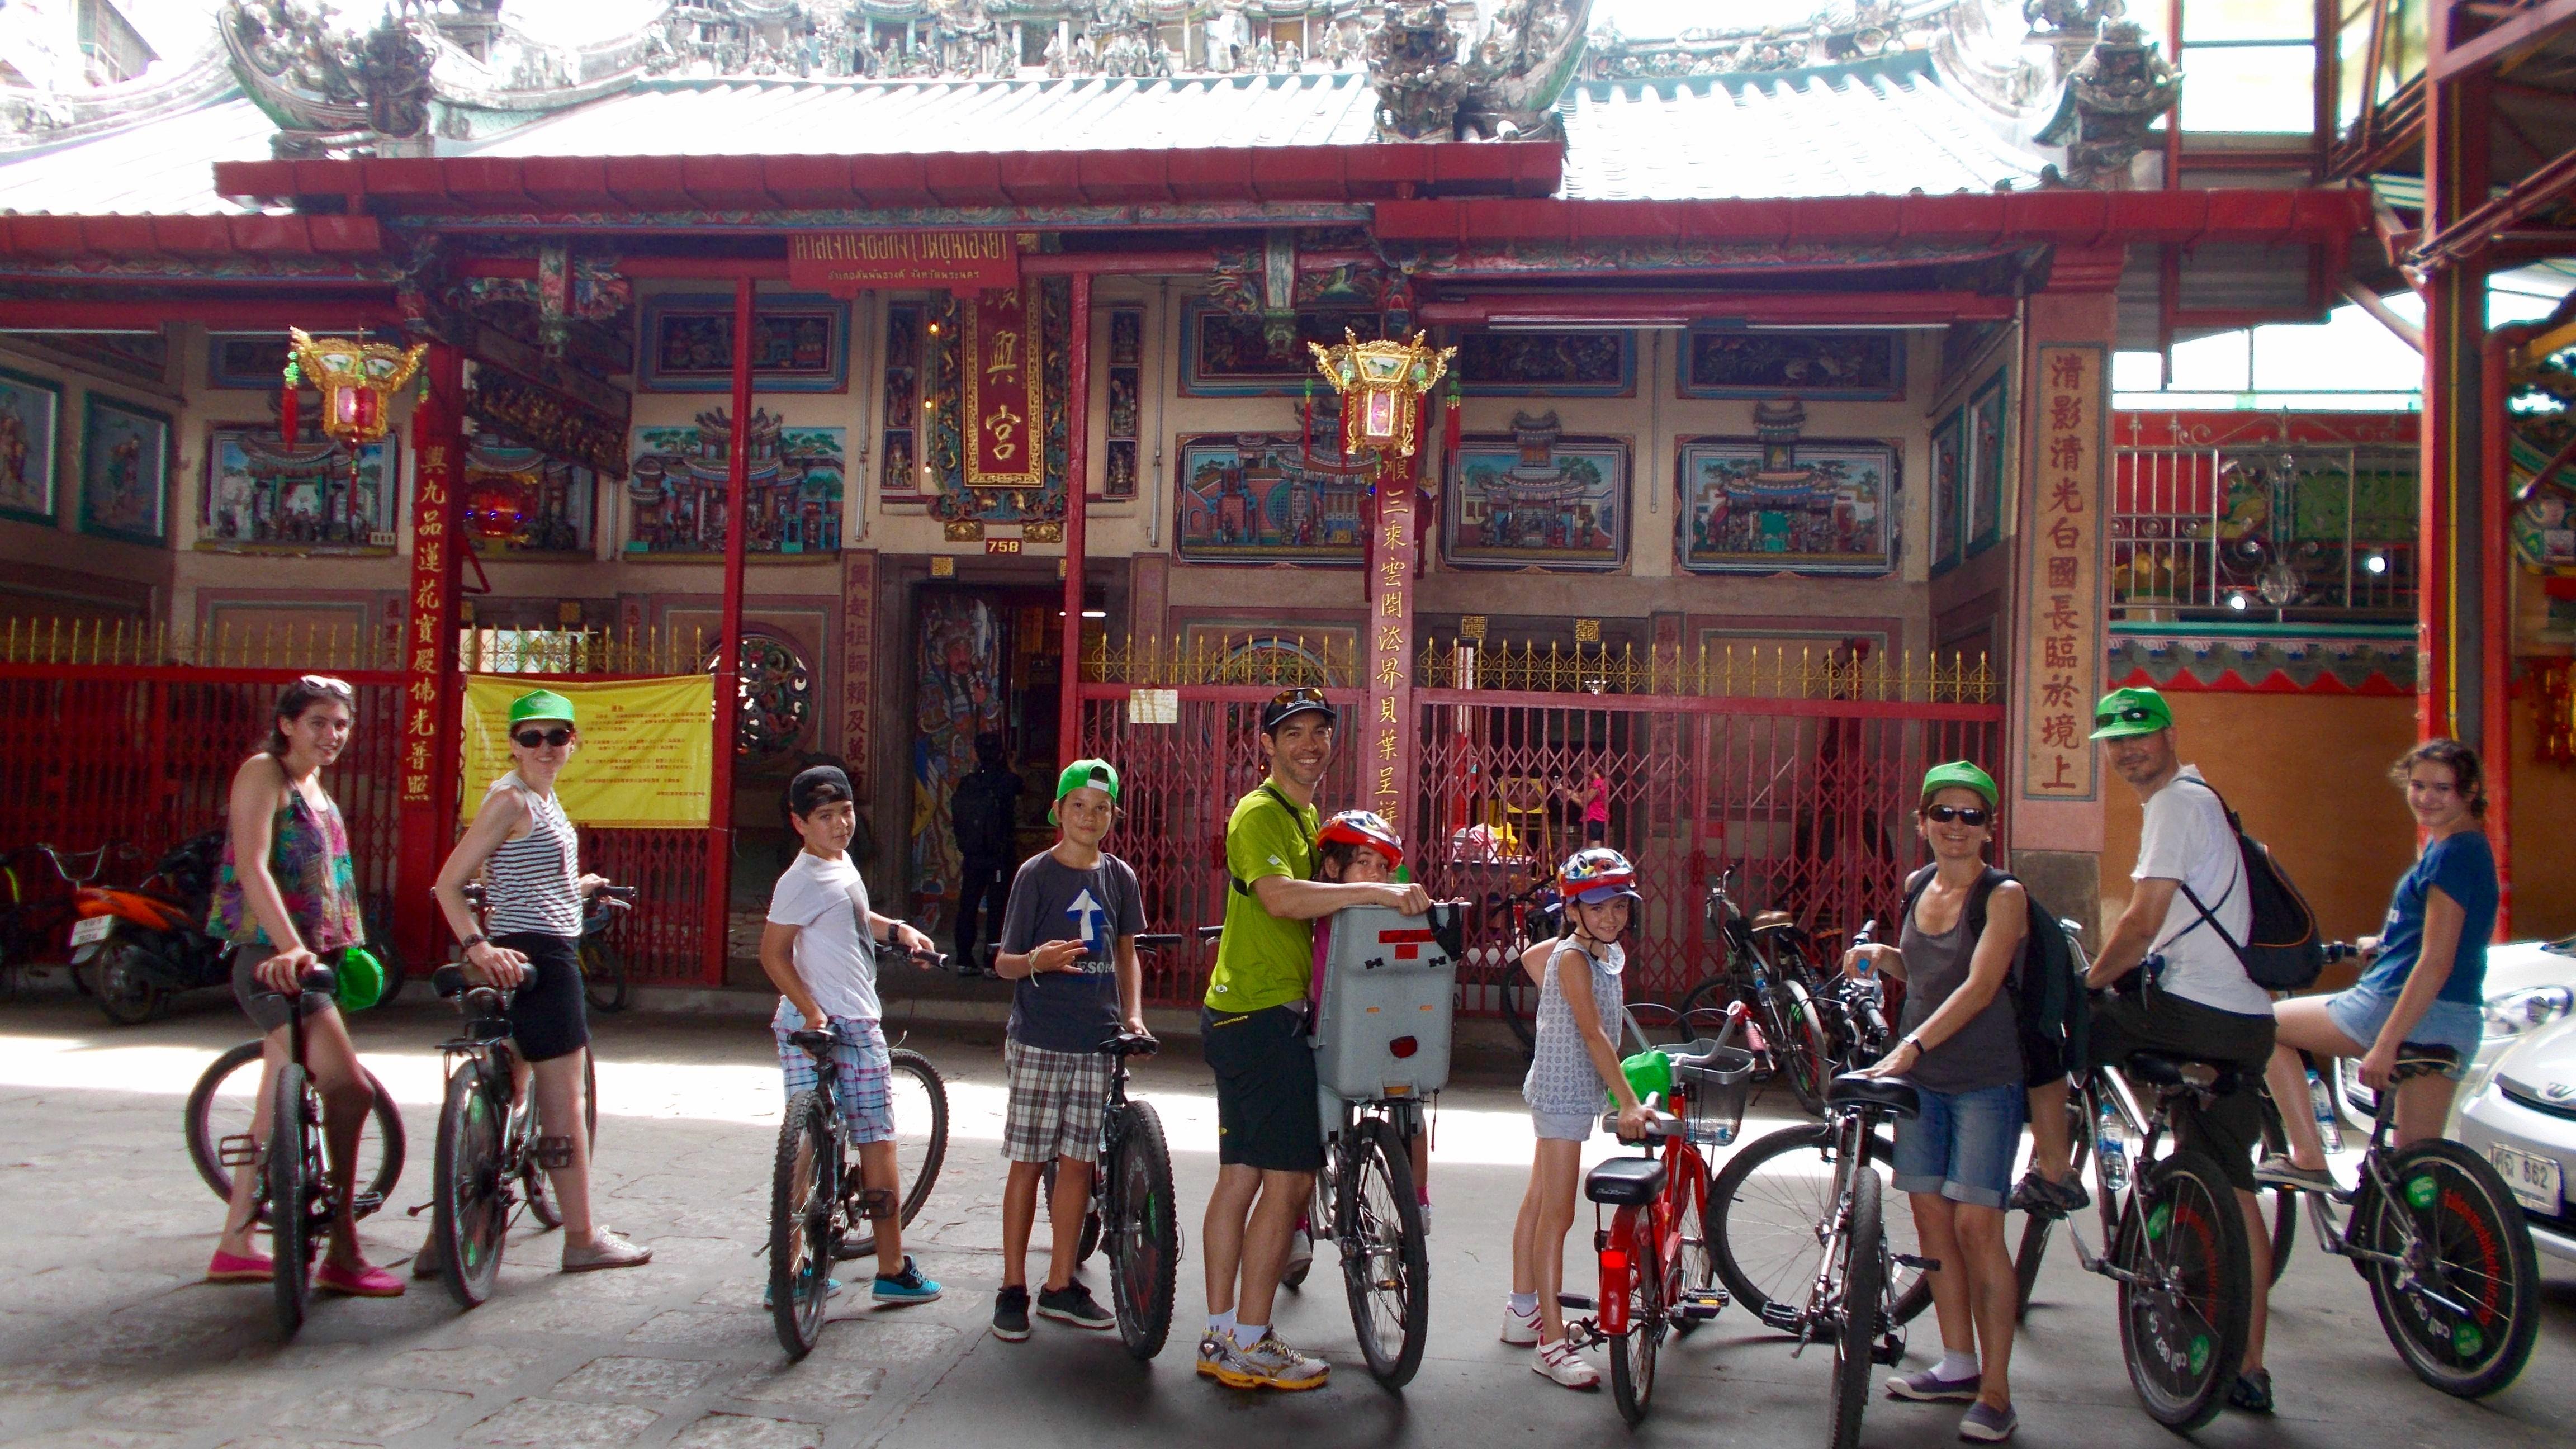 Chow Sue Kong Shrine